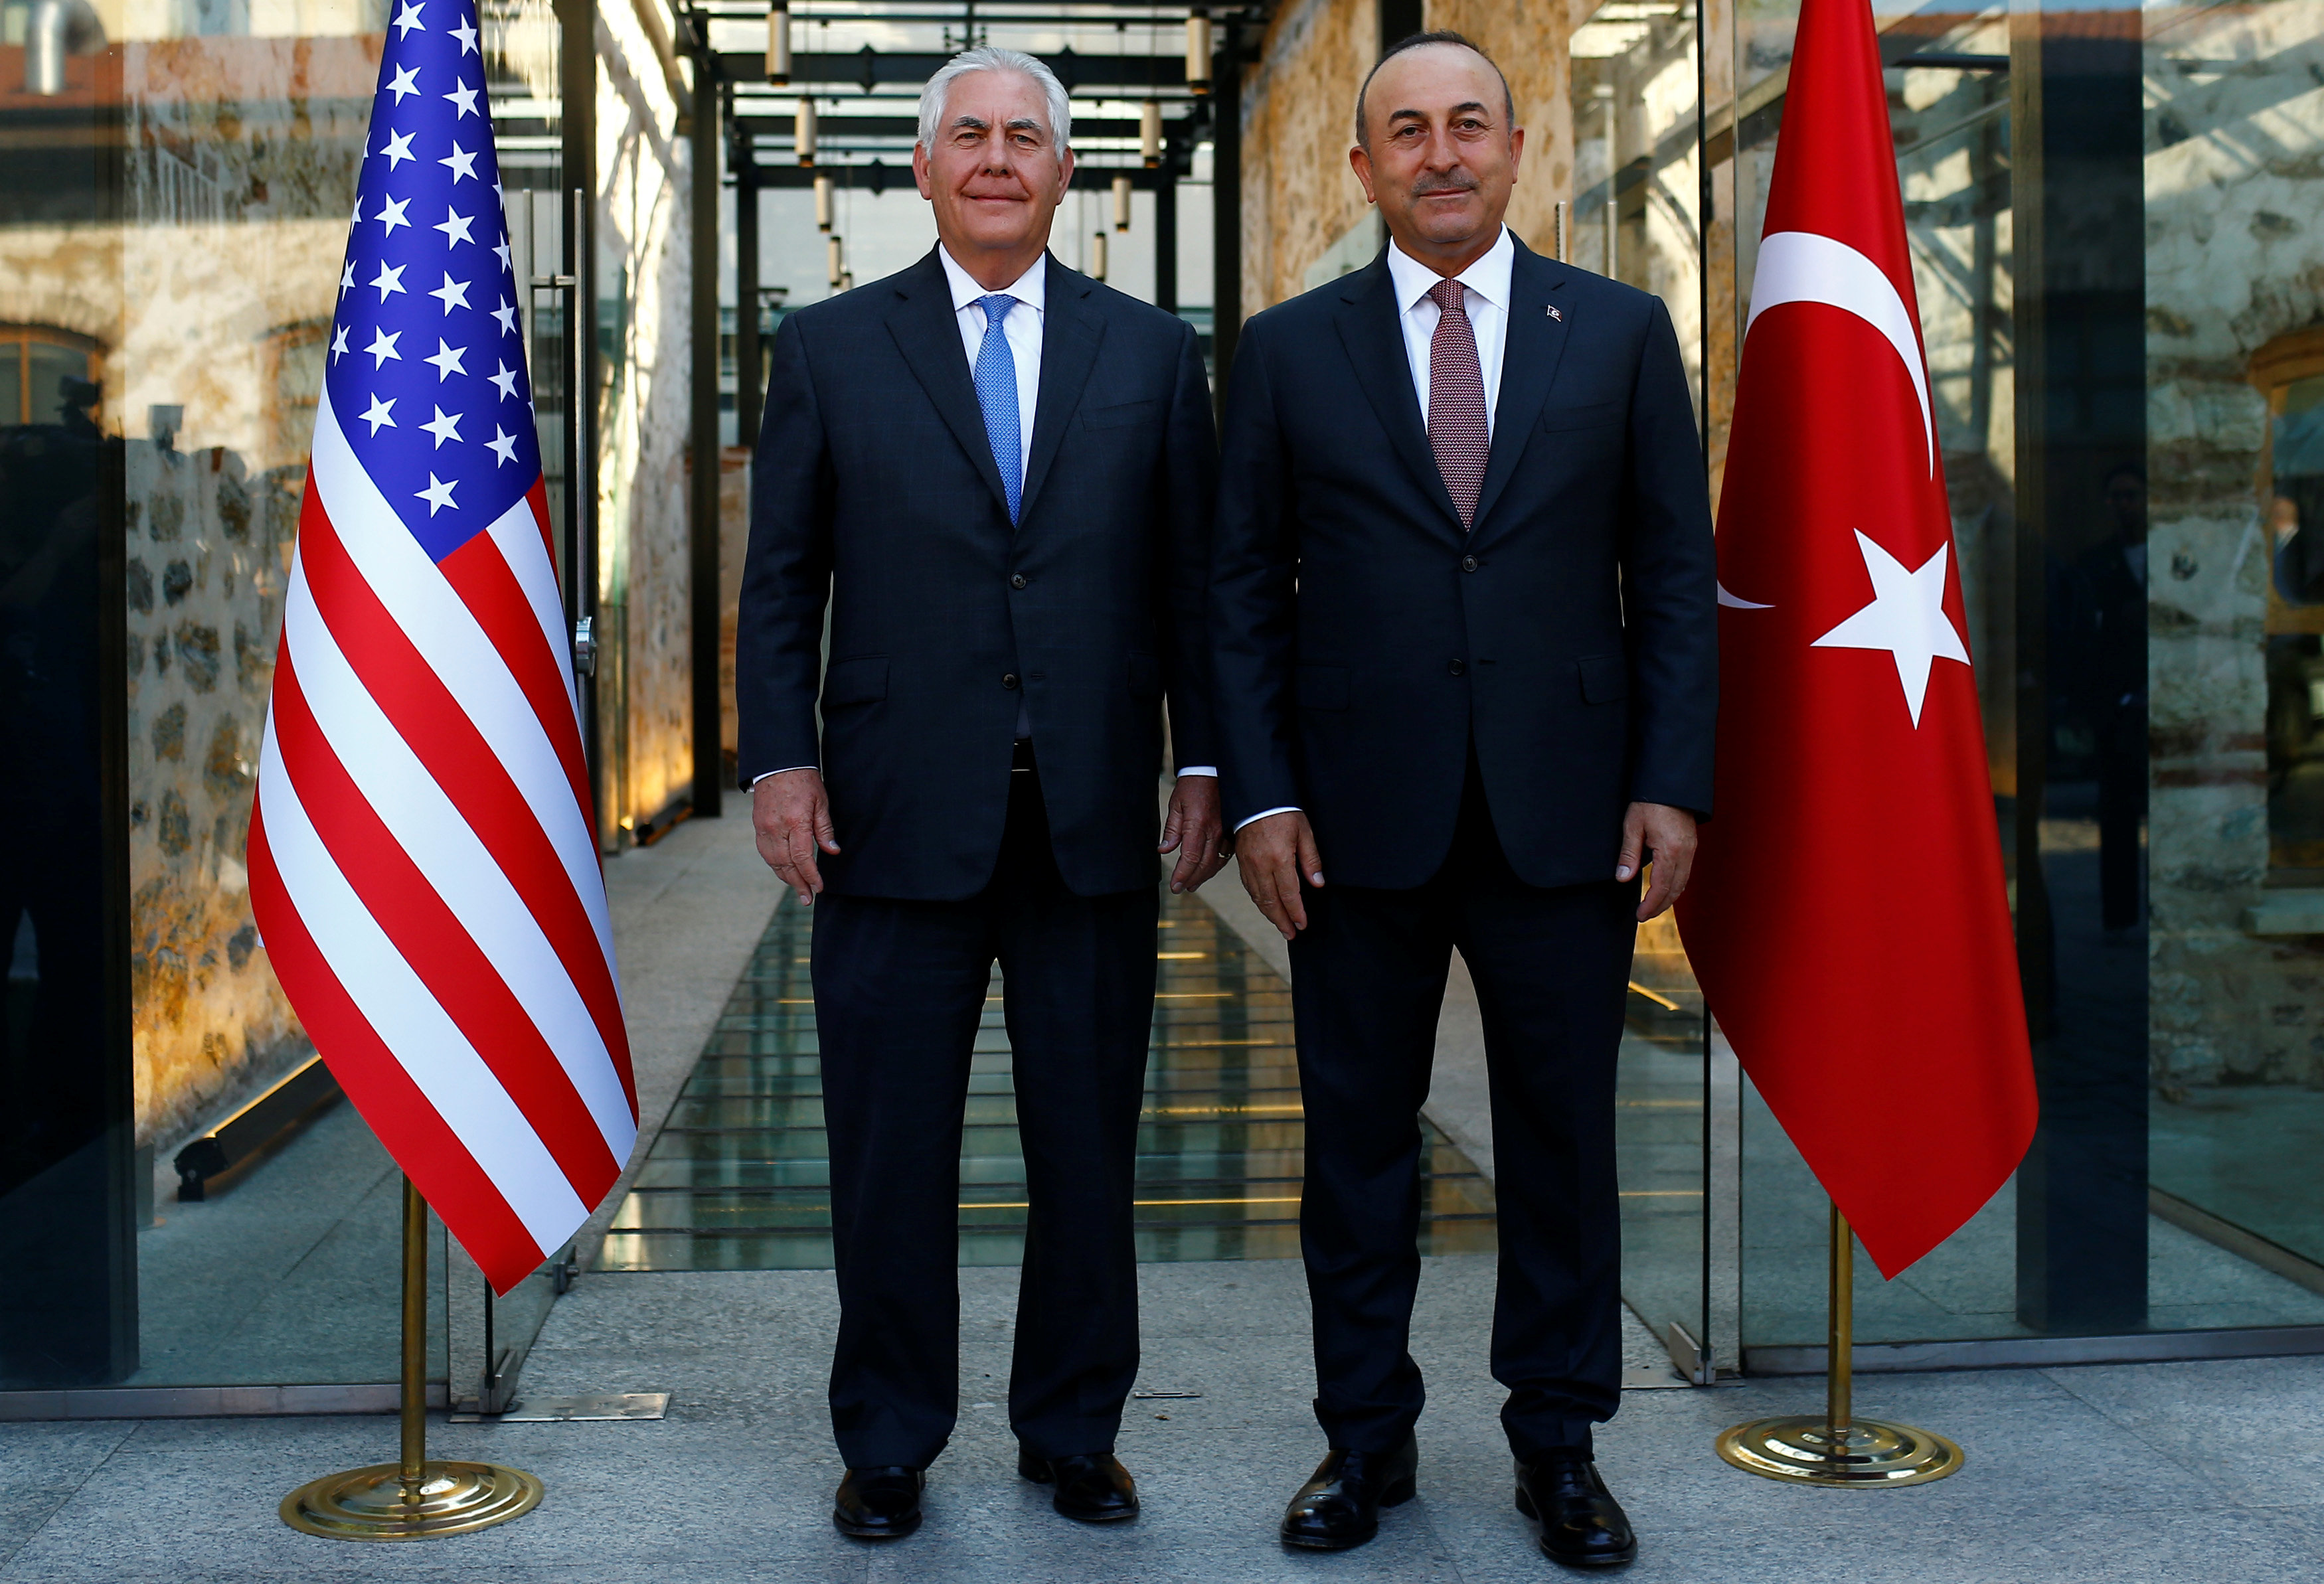 2017 07 09T154832Z 472130680 RC1E3710BA10 RTRMADP 3 USA TURKEY